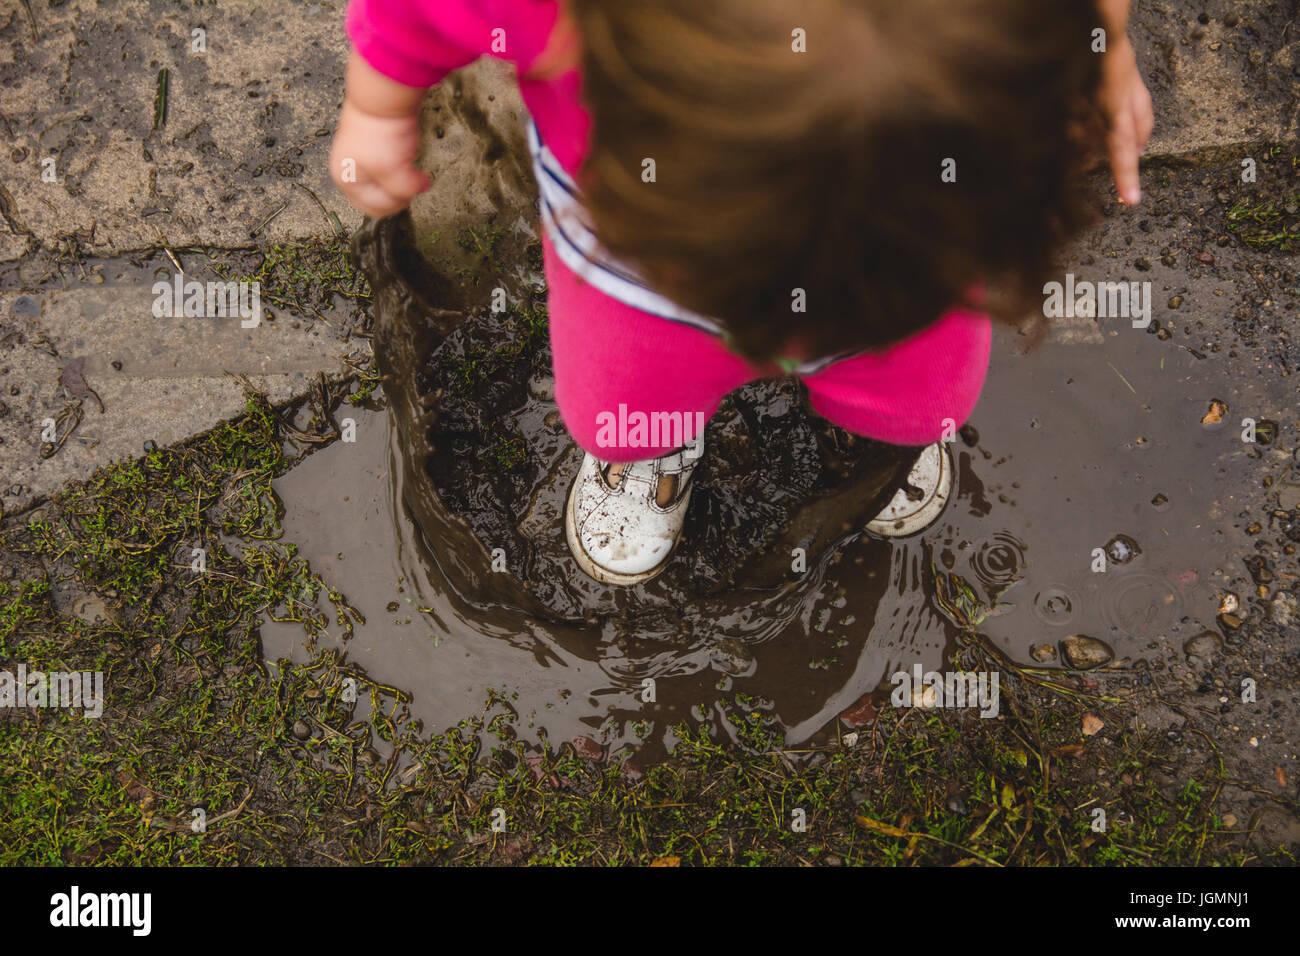 2 anno vecchia ragazza, guardando in giù a terra e Pozza di fango, spruzzi in una pozza di fango, facendo un Immagini Stock